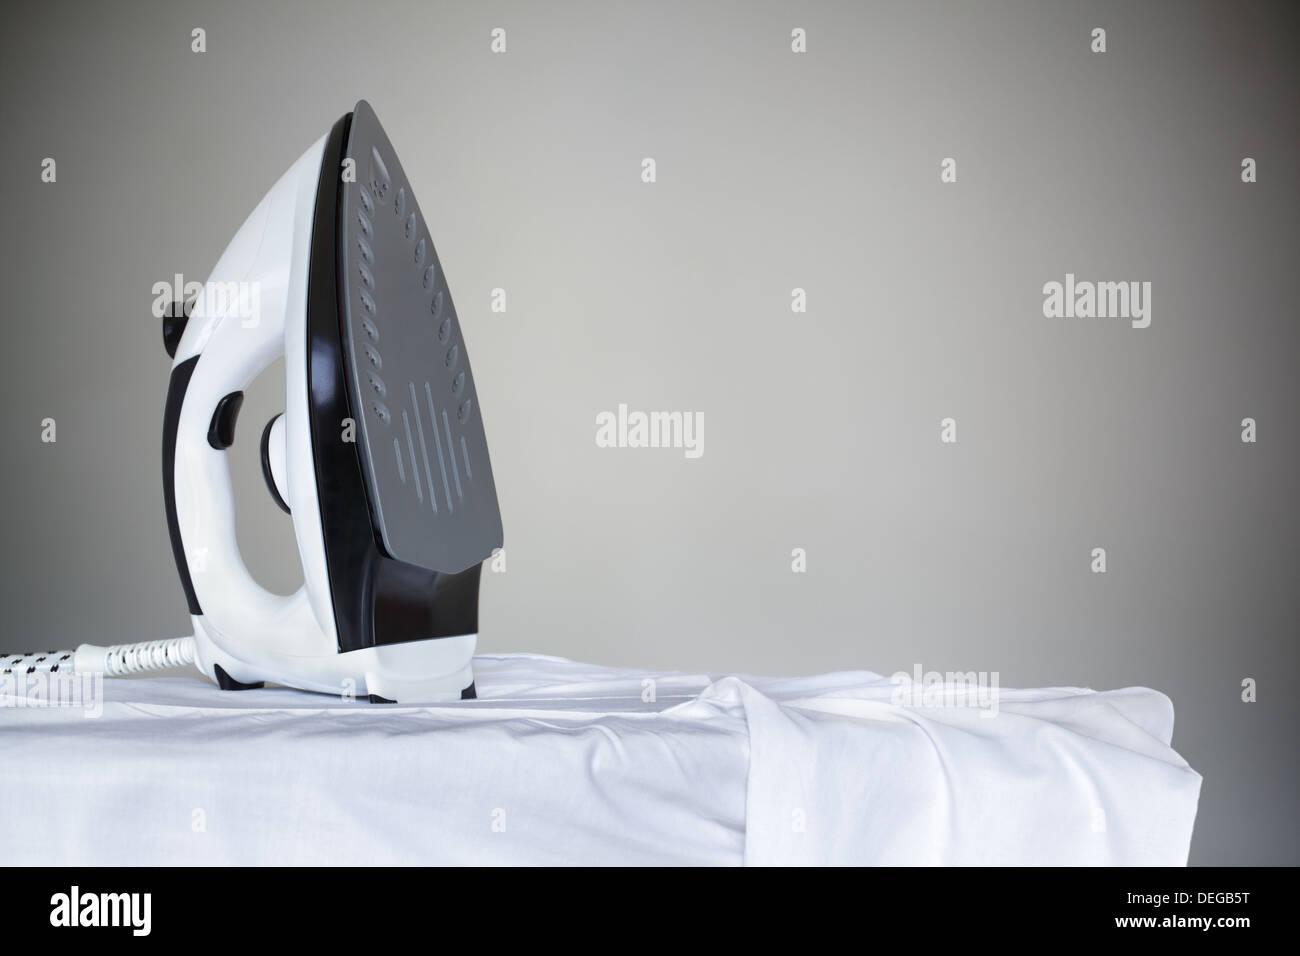 Iron resting on shirt - Stock Image